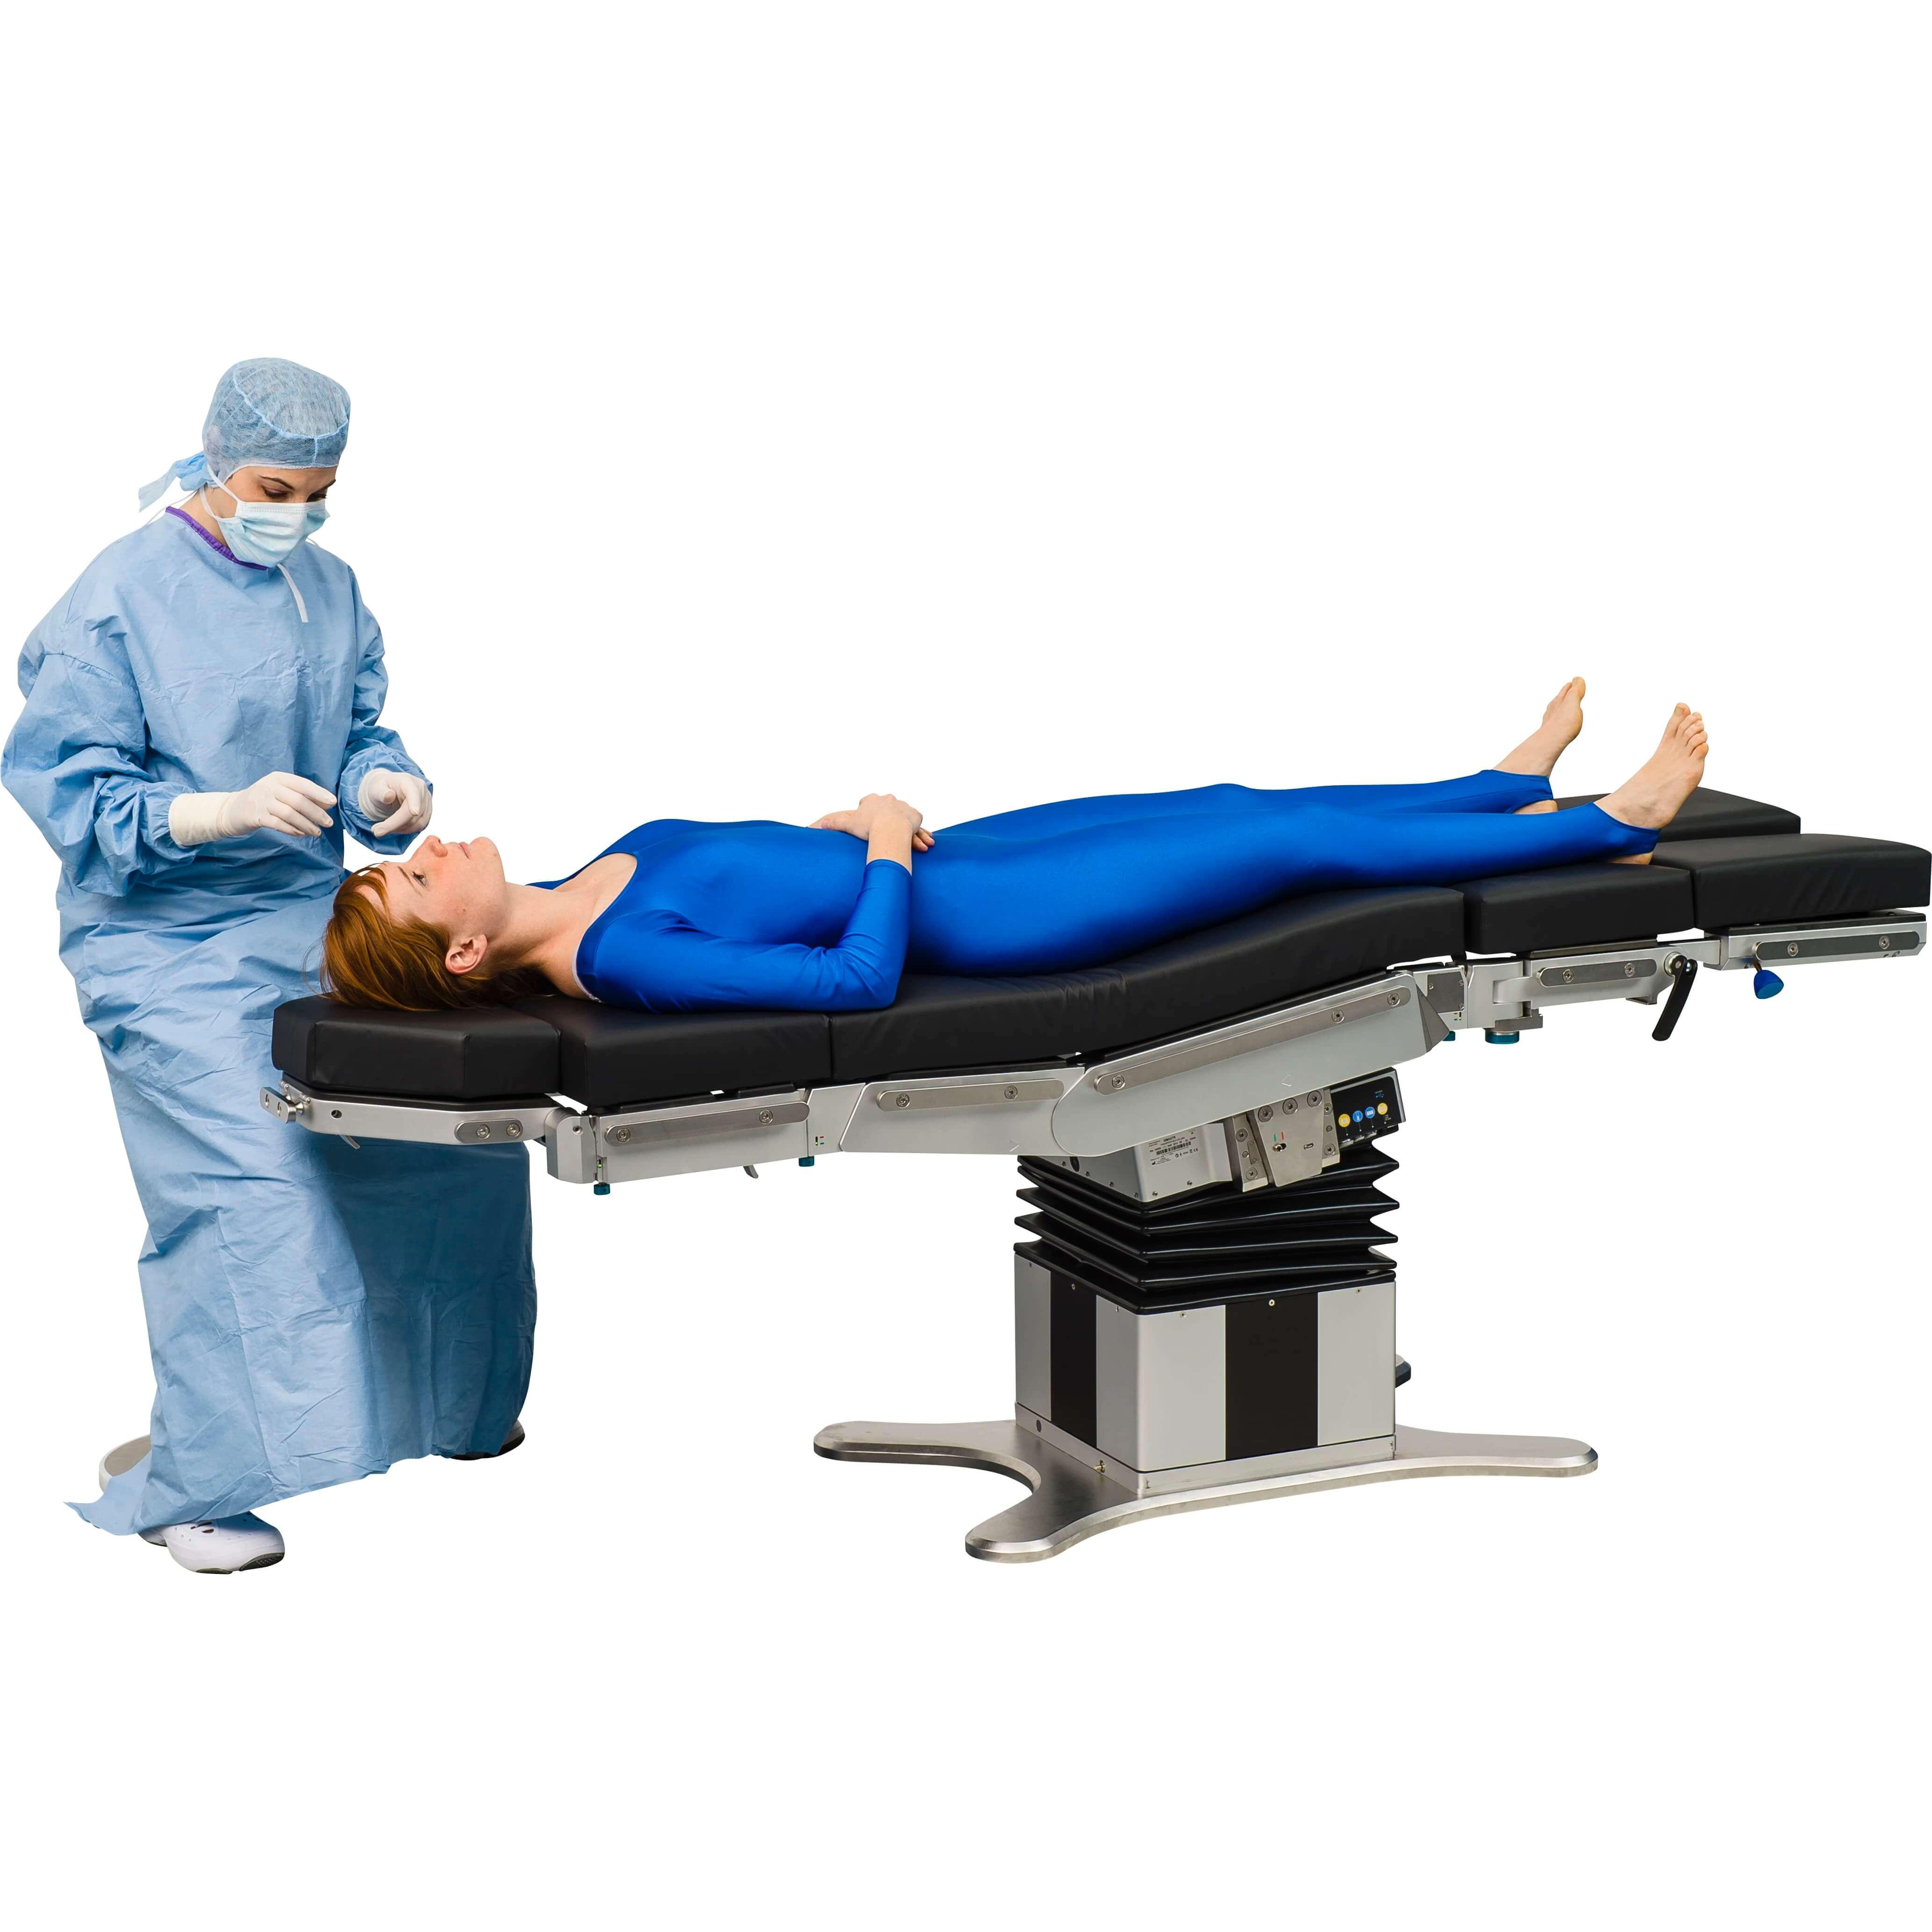 Операционный стол для лора и офтальмолога